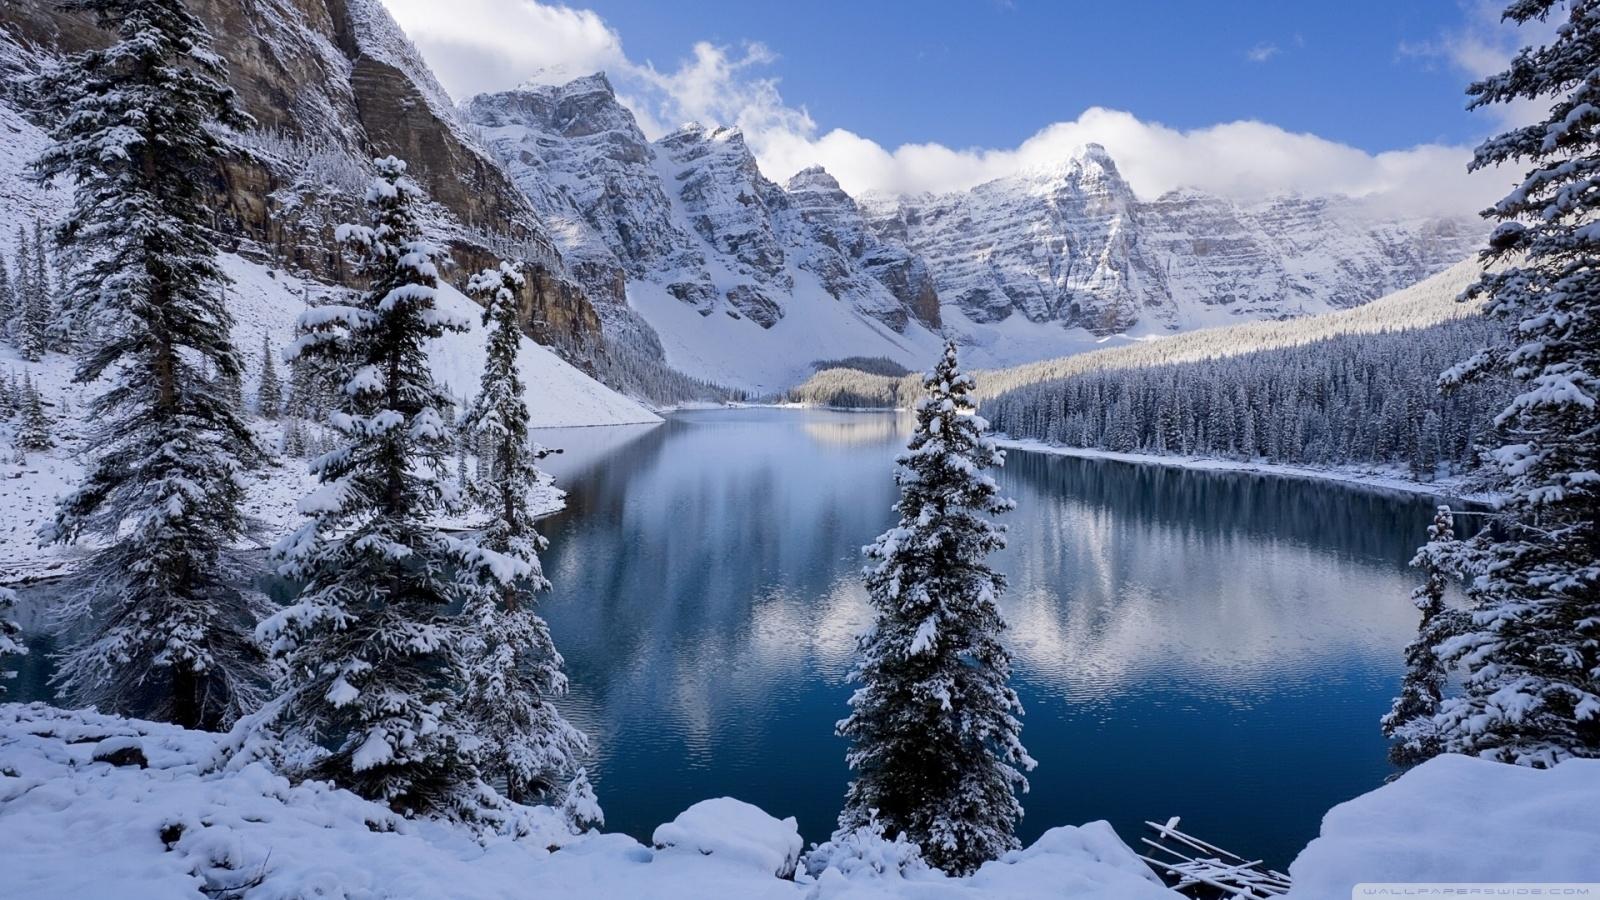 winter in the mountains ❤ 4k hd desktop wallpaper for 4k ultra hd